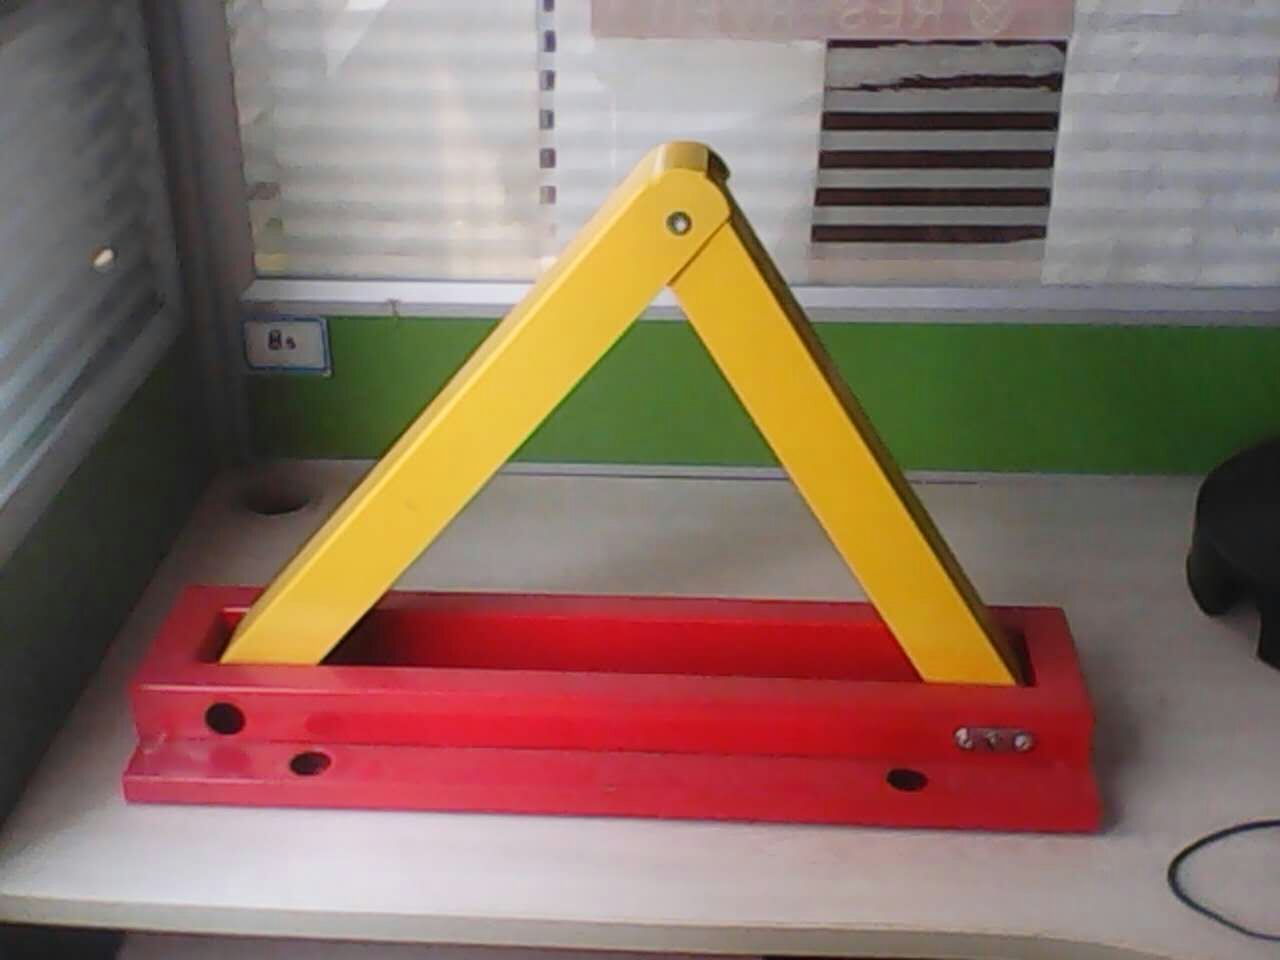 三角形车位锁